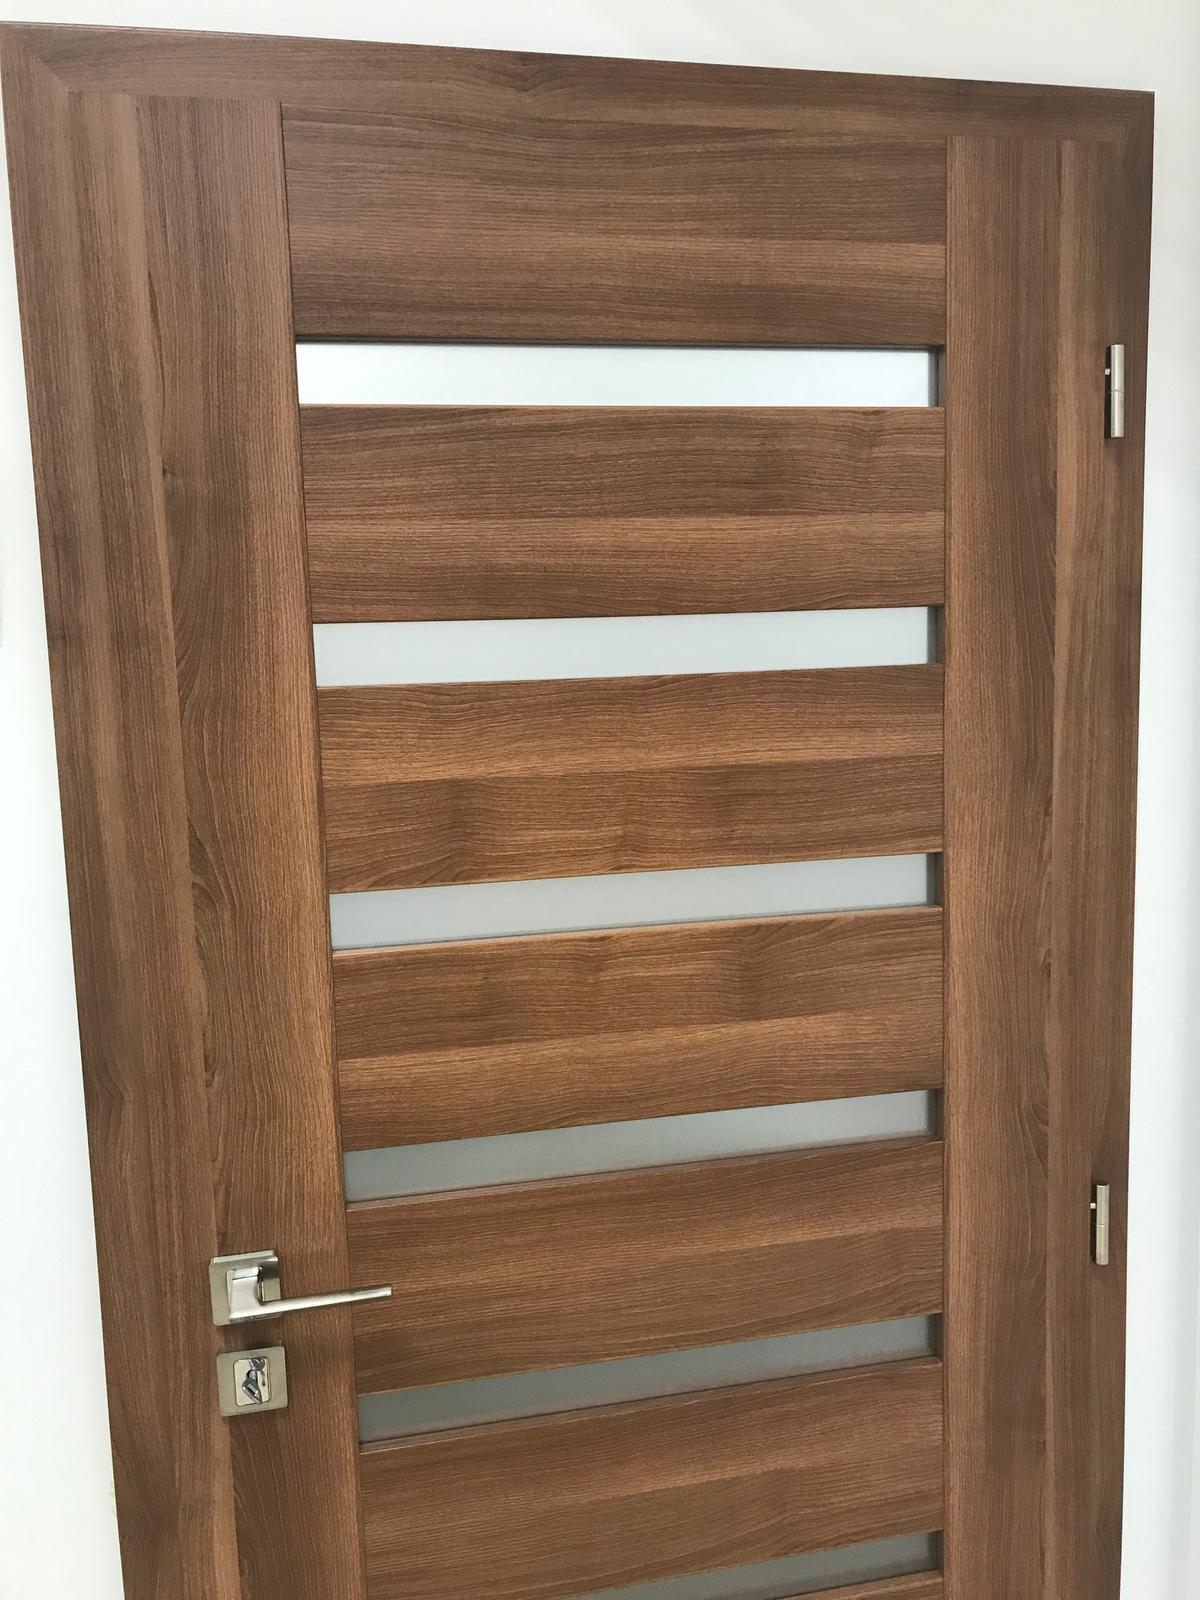 @dafu Máme rámové dvere... - Obrázok č. 1